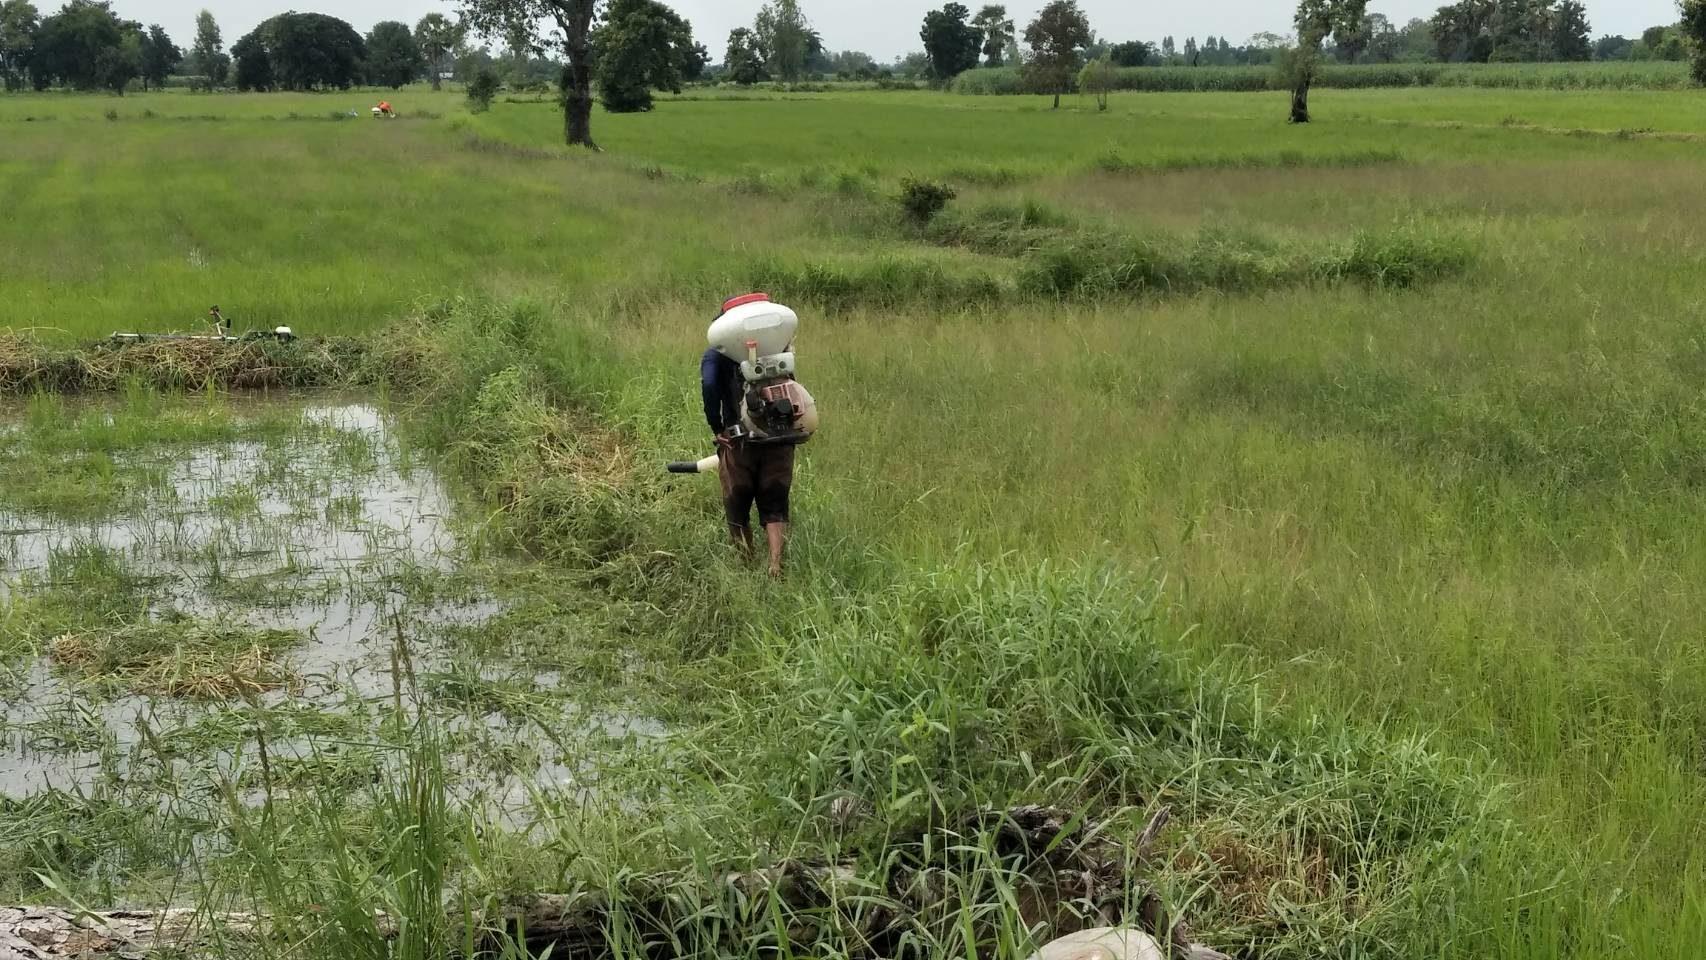 ฝนทิ้งช่วงนาน ชาวนาโคราชเดือดร้อนหนัก วัชพืชปกคลุมต้นข้าว ใช้สารเคมีฉีดพ่นแต่ไม่ได้ผล